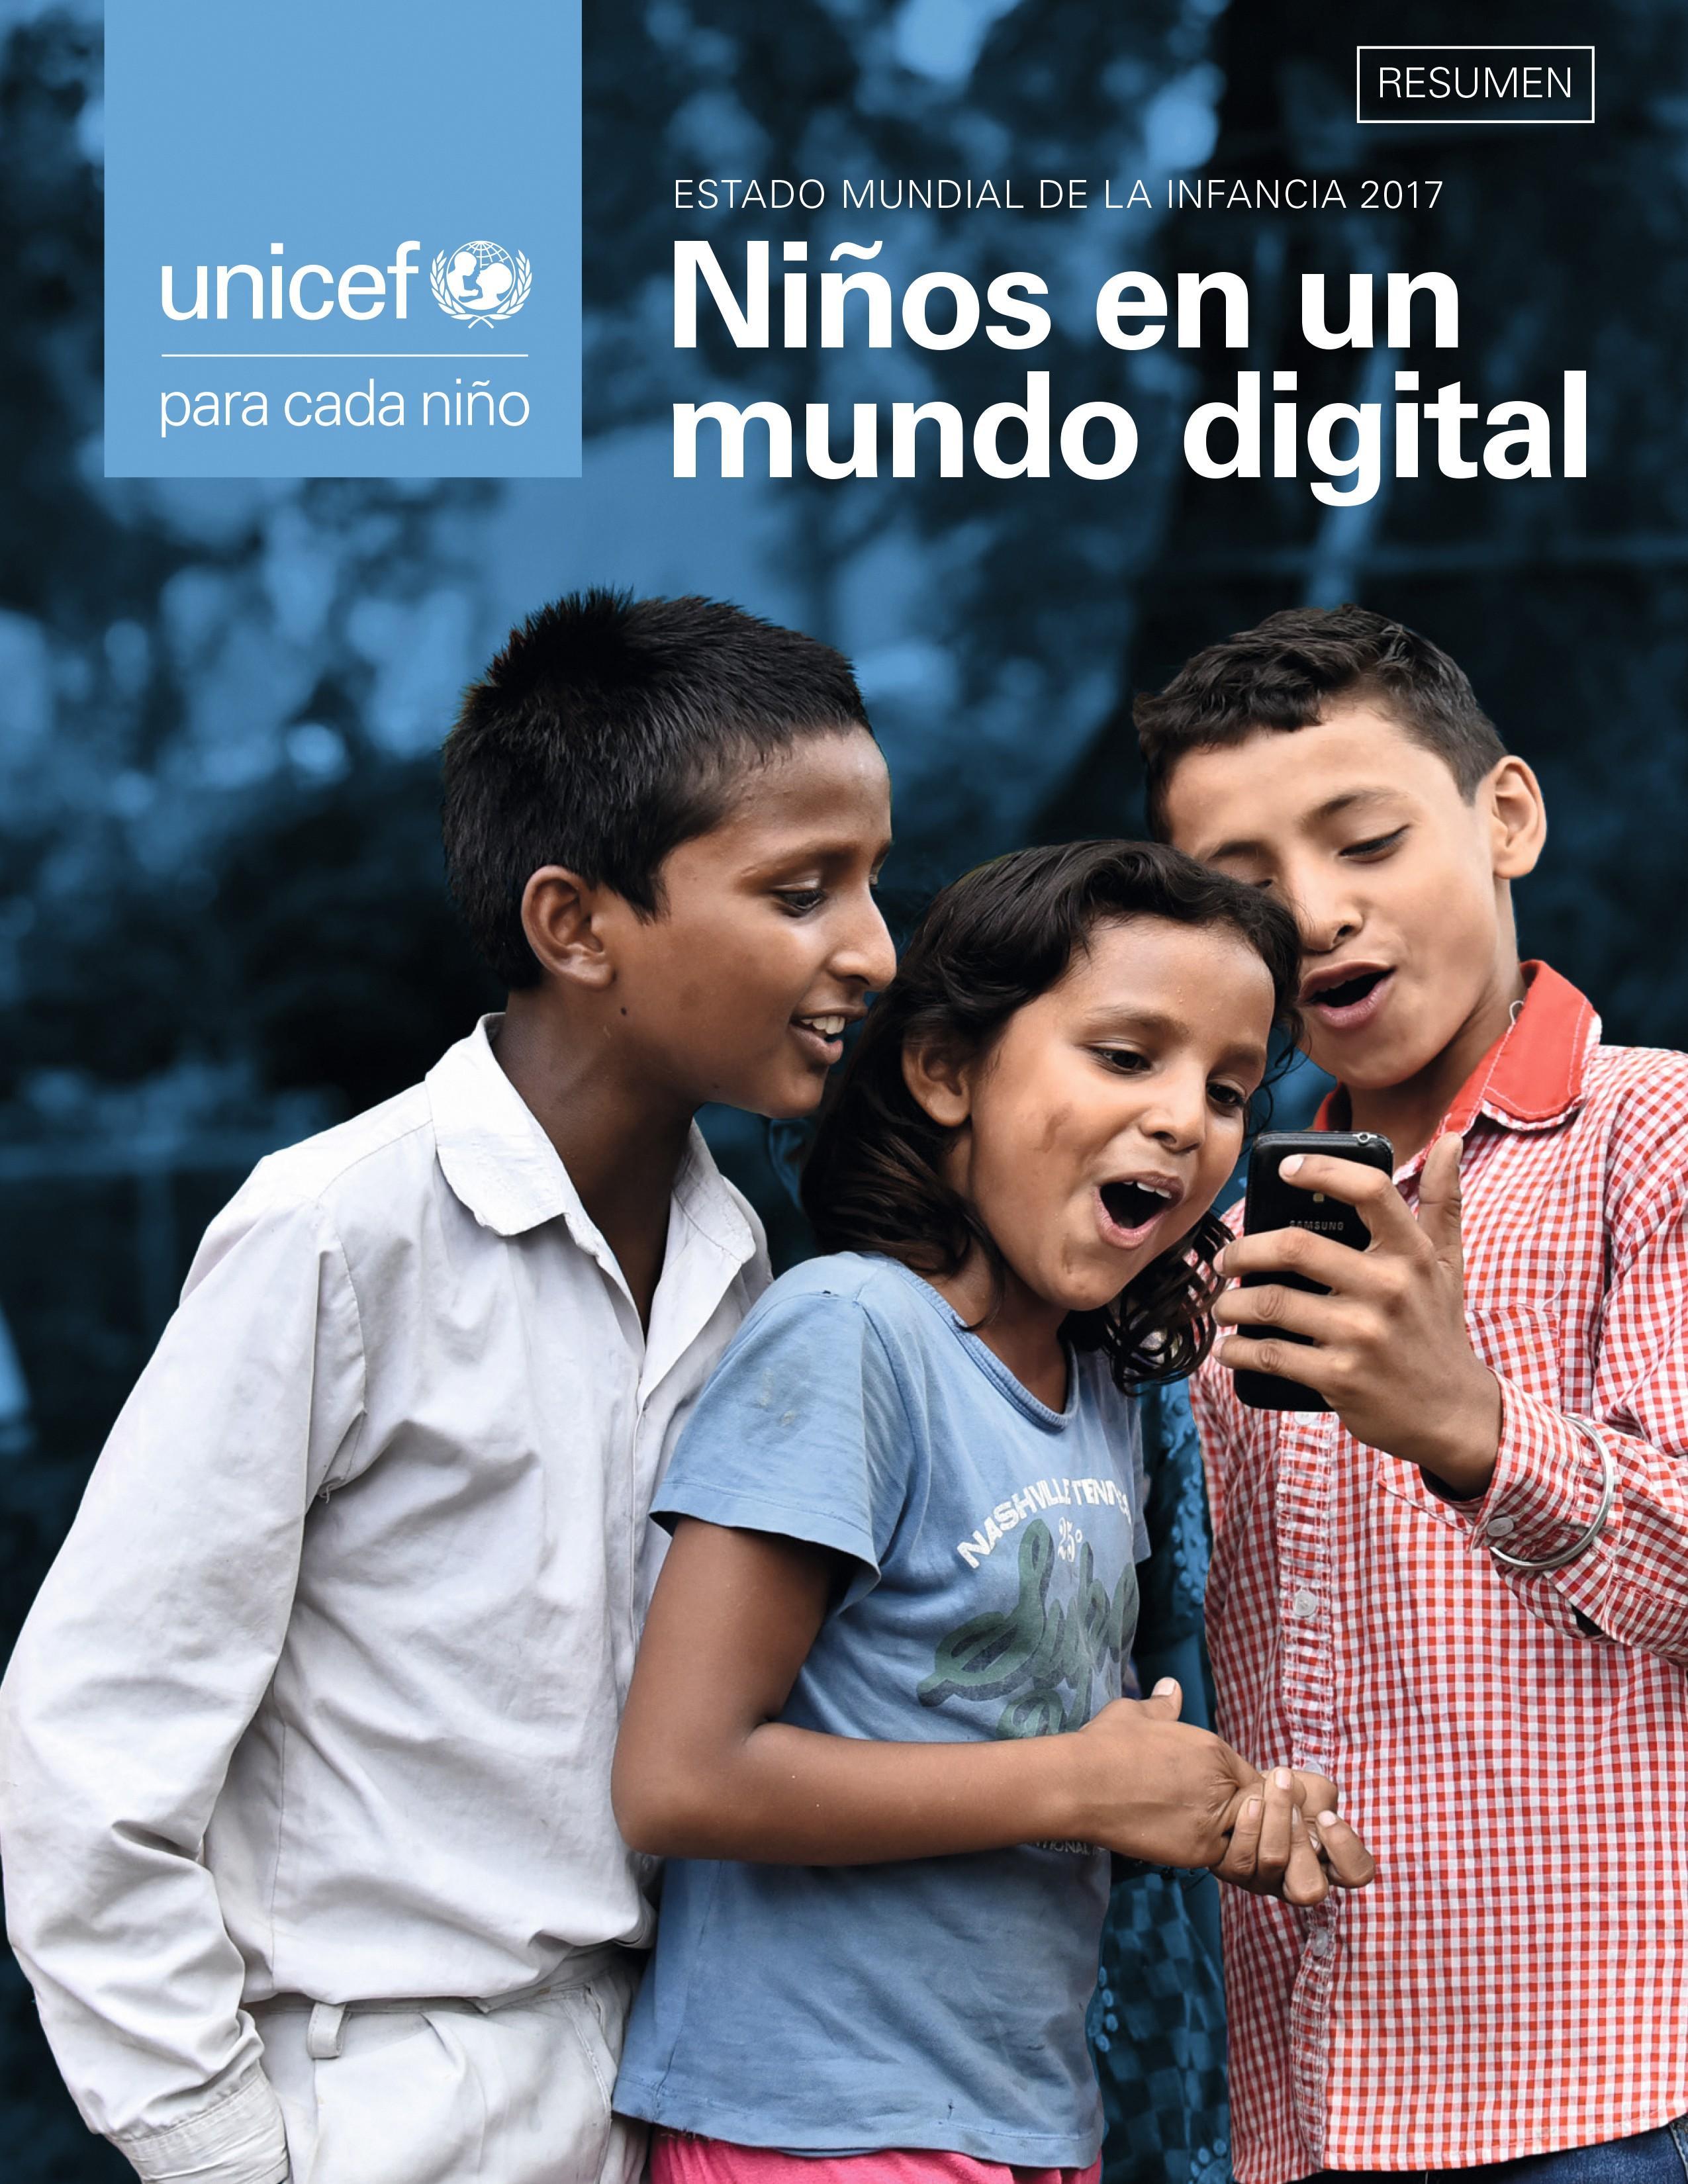 Campaña UNICEF Niños en un mundo digital realizada por Pablo Rebaque, 2017.